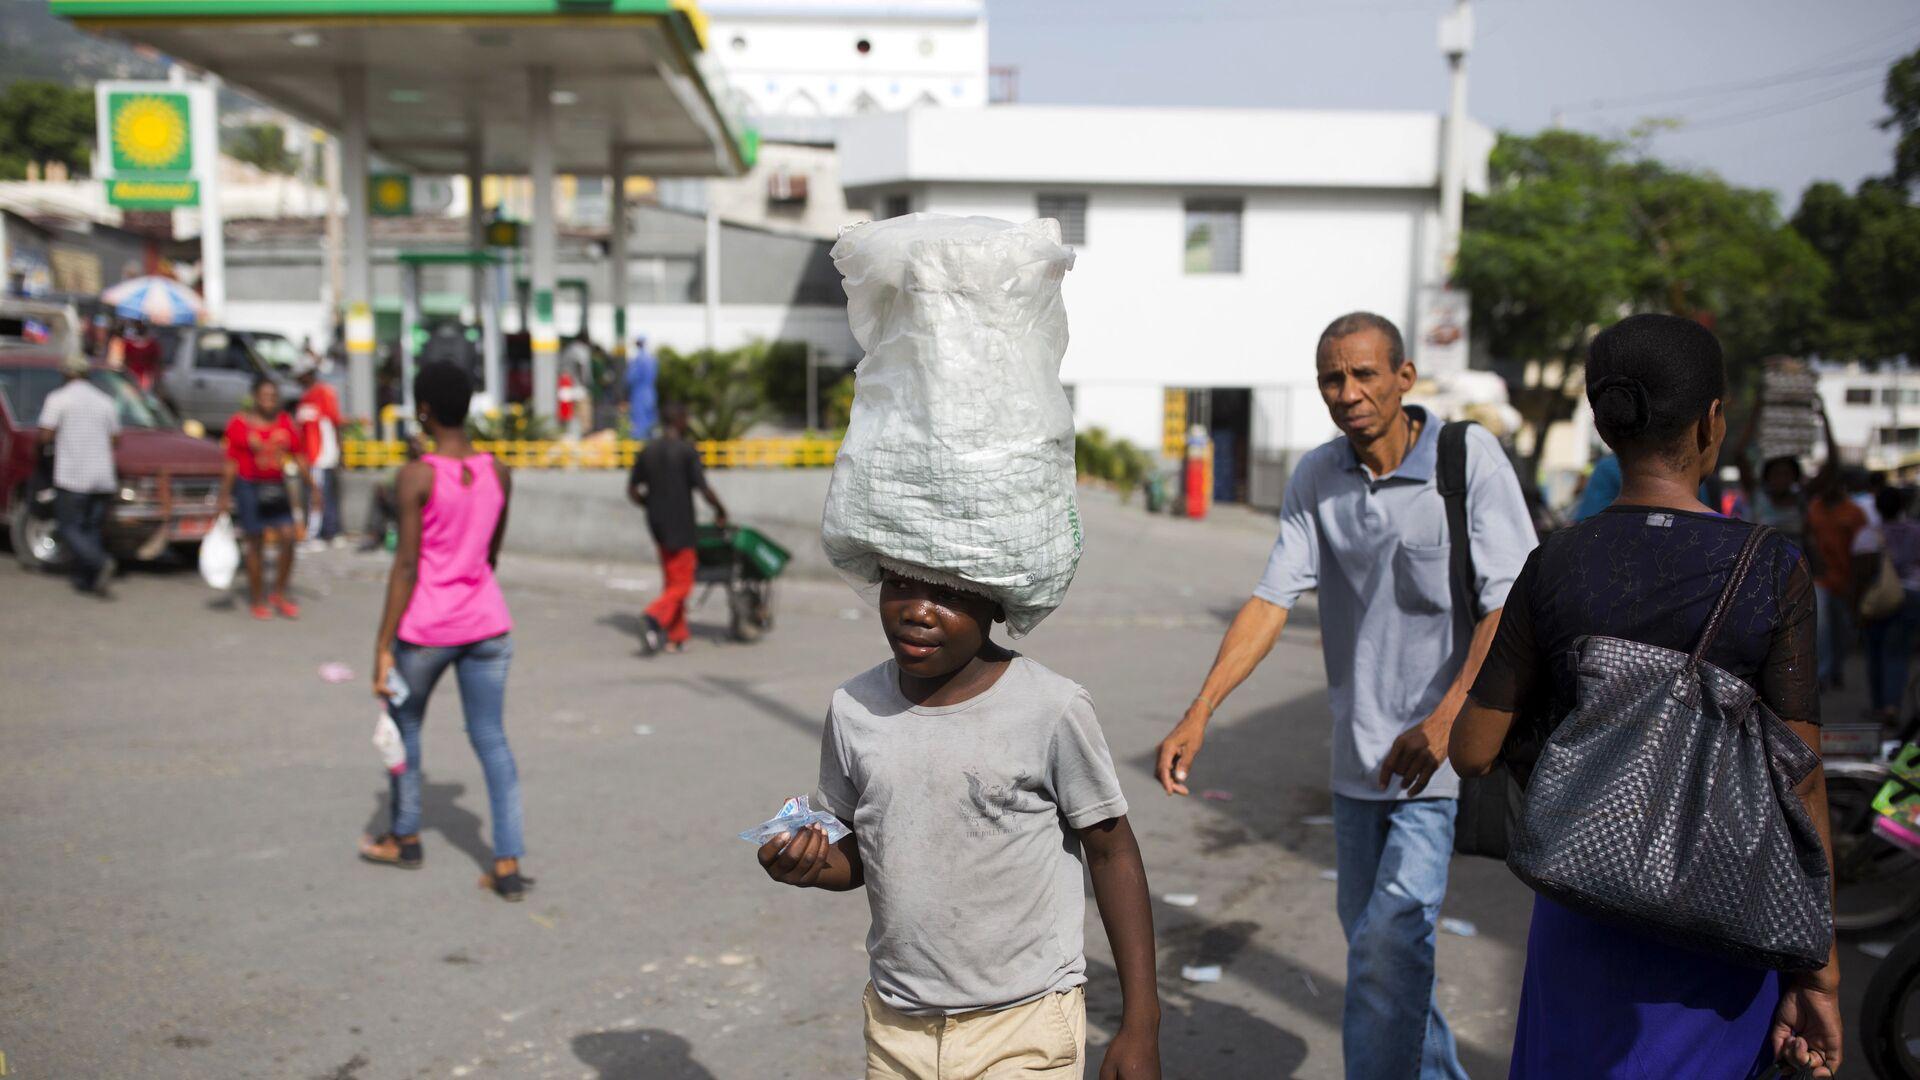 12-летний мальчик носит воду, предназначенную для продажи, по улицам Порт-о-Пренс, Гаити - РИА Новости, 1920, 27.02.2020